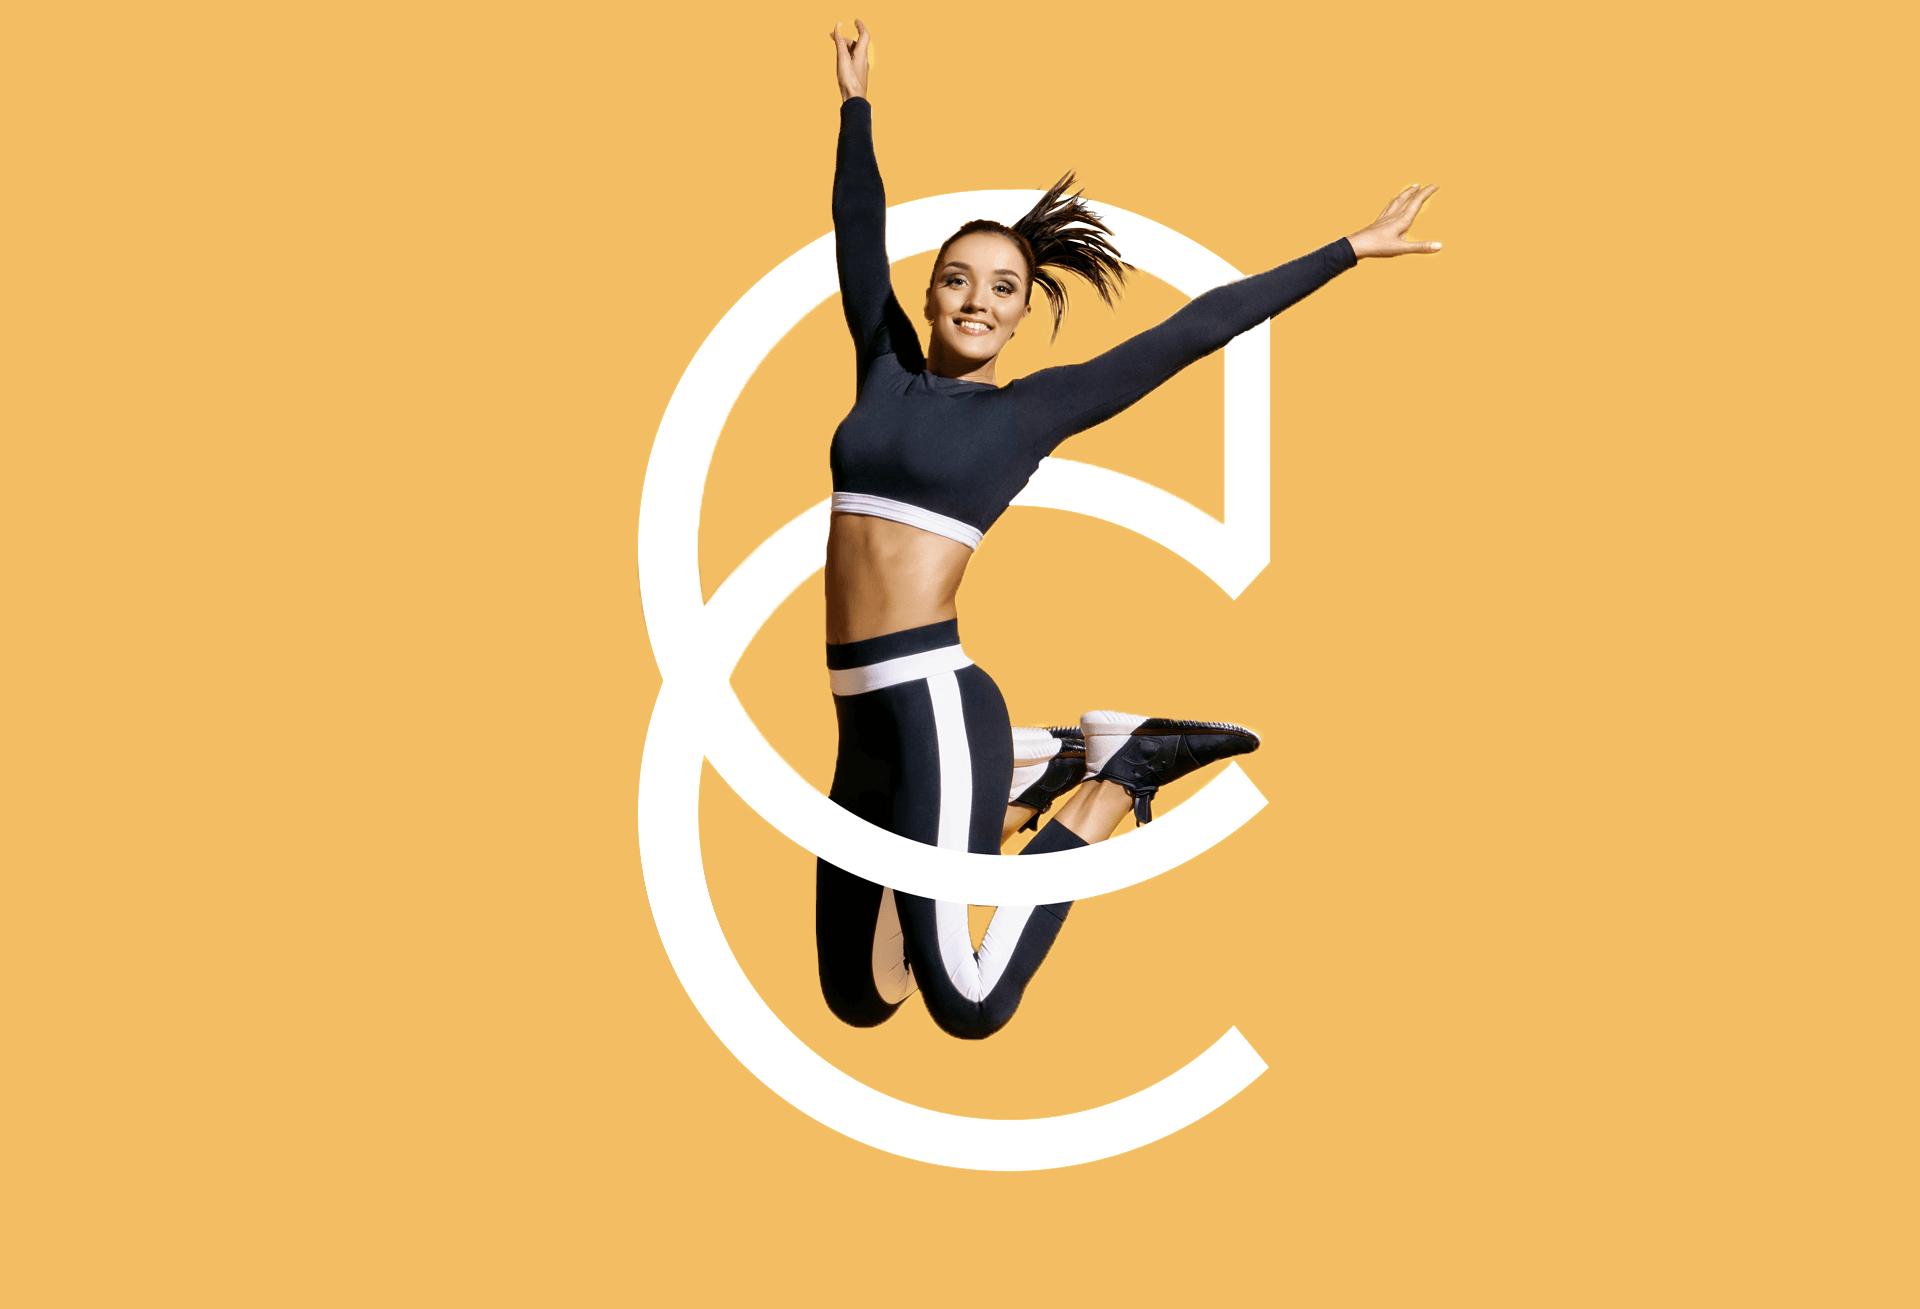 femme sautant entremêlé avec le CC blanc du logo Le Club Concept sur fond orange